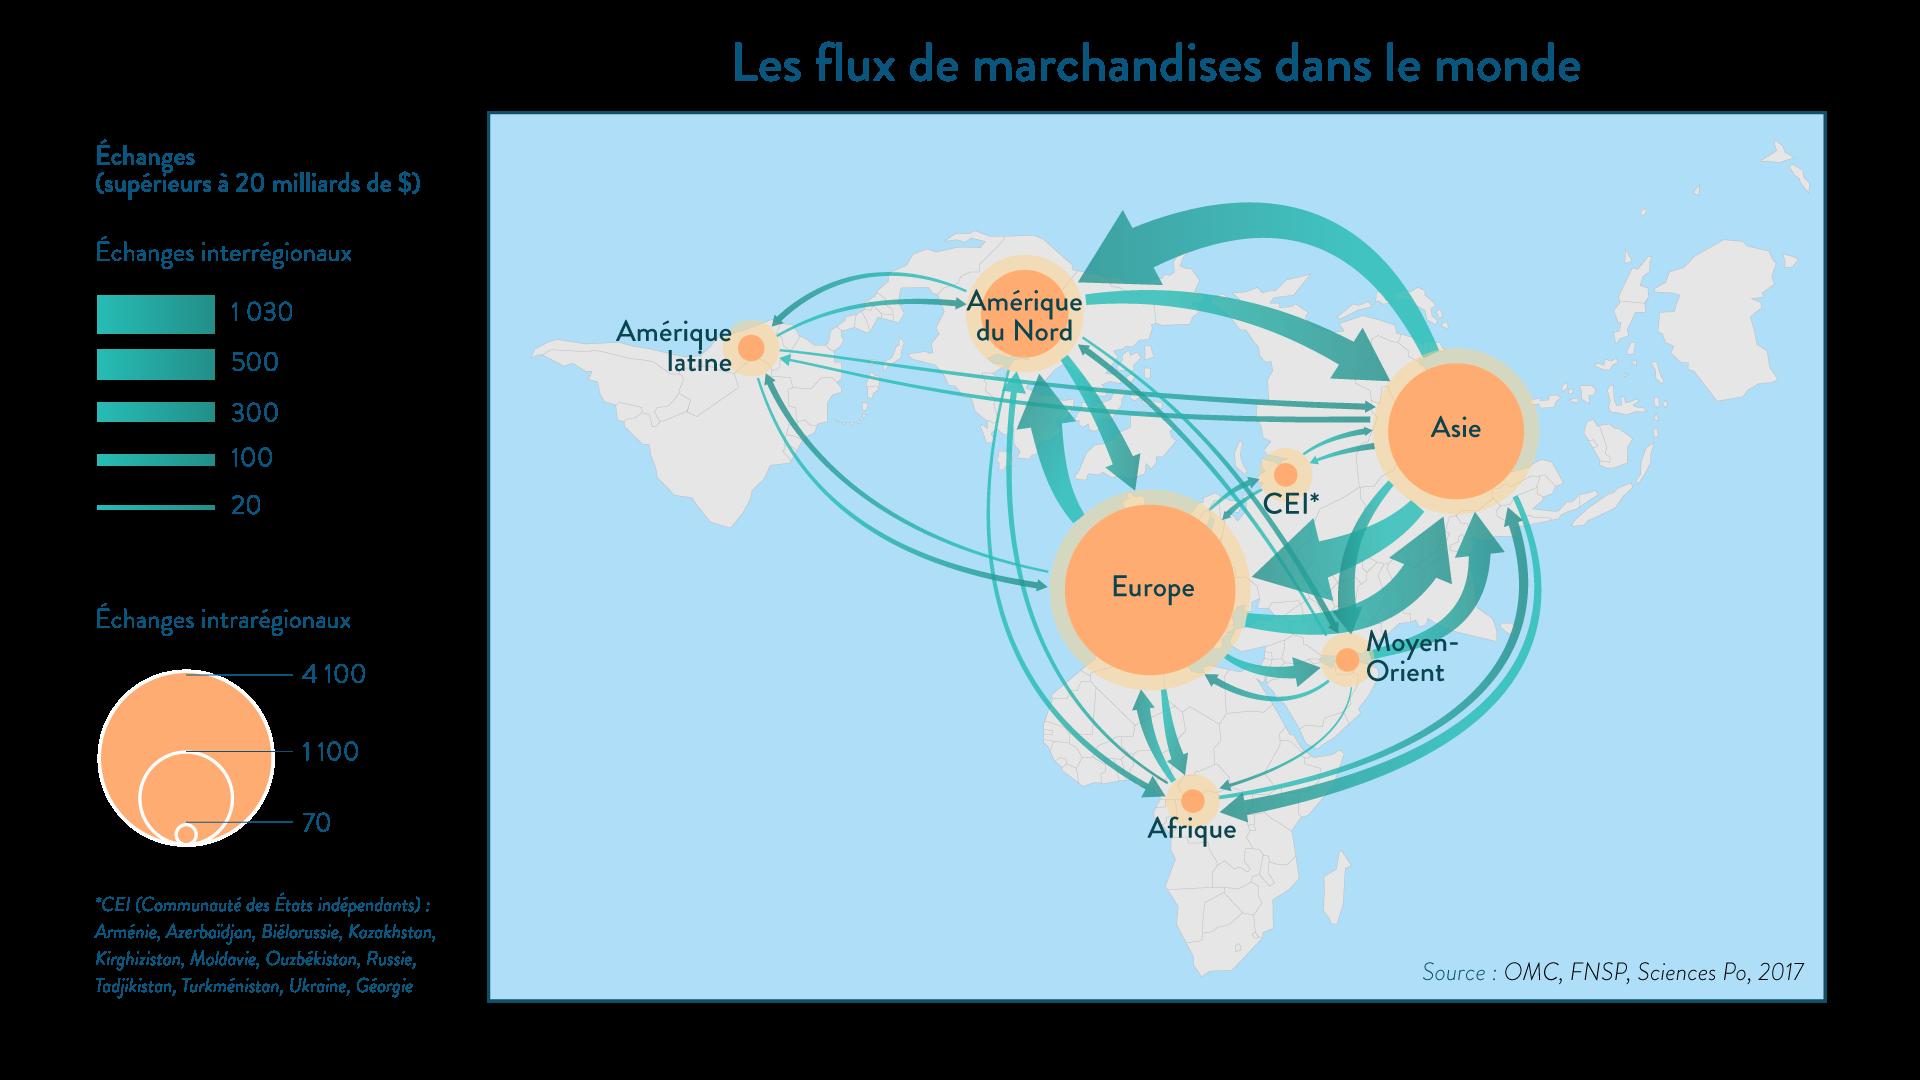 Les flux de marchandises dans le monde - SchoolMouv - géographie - 1re